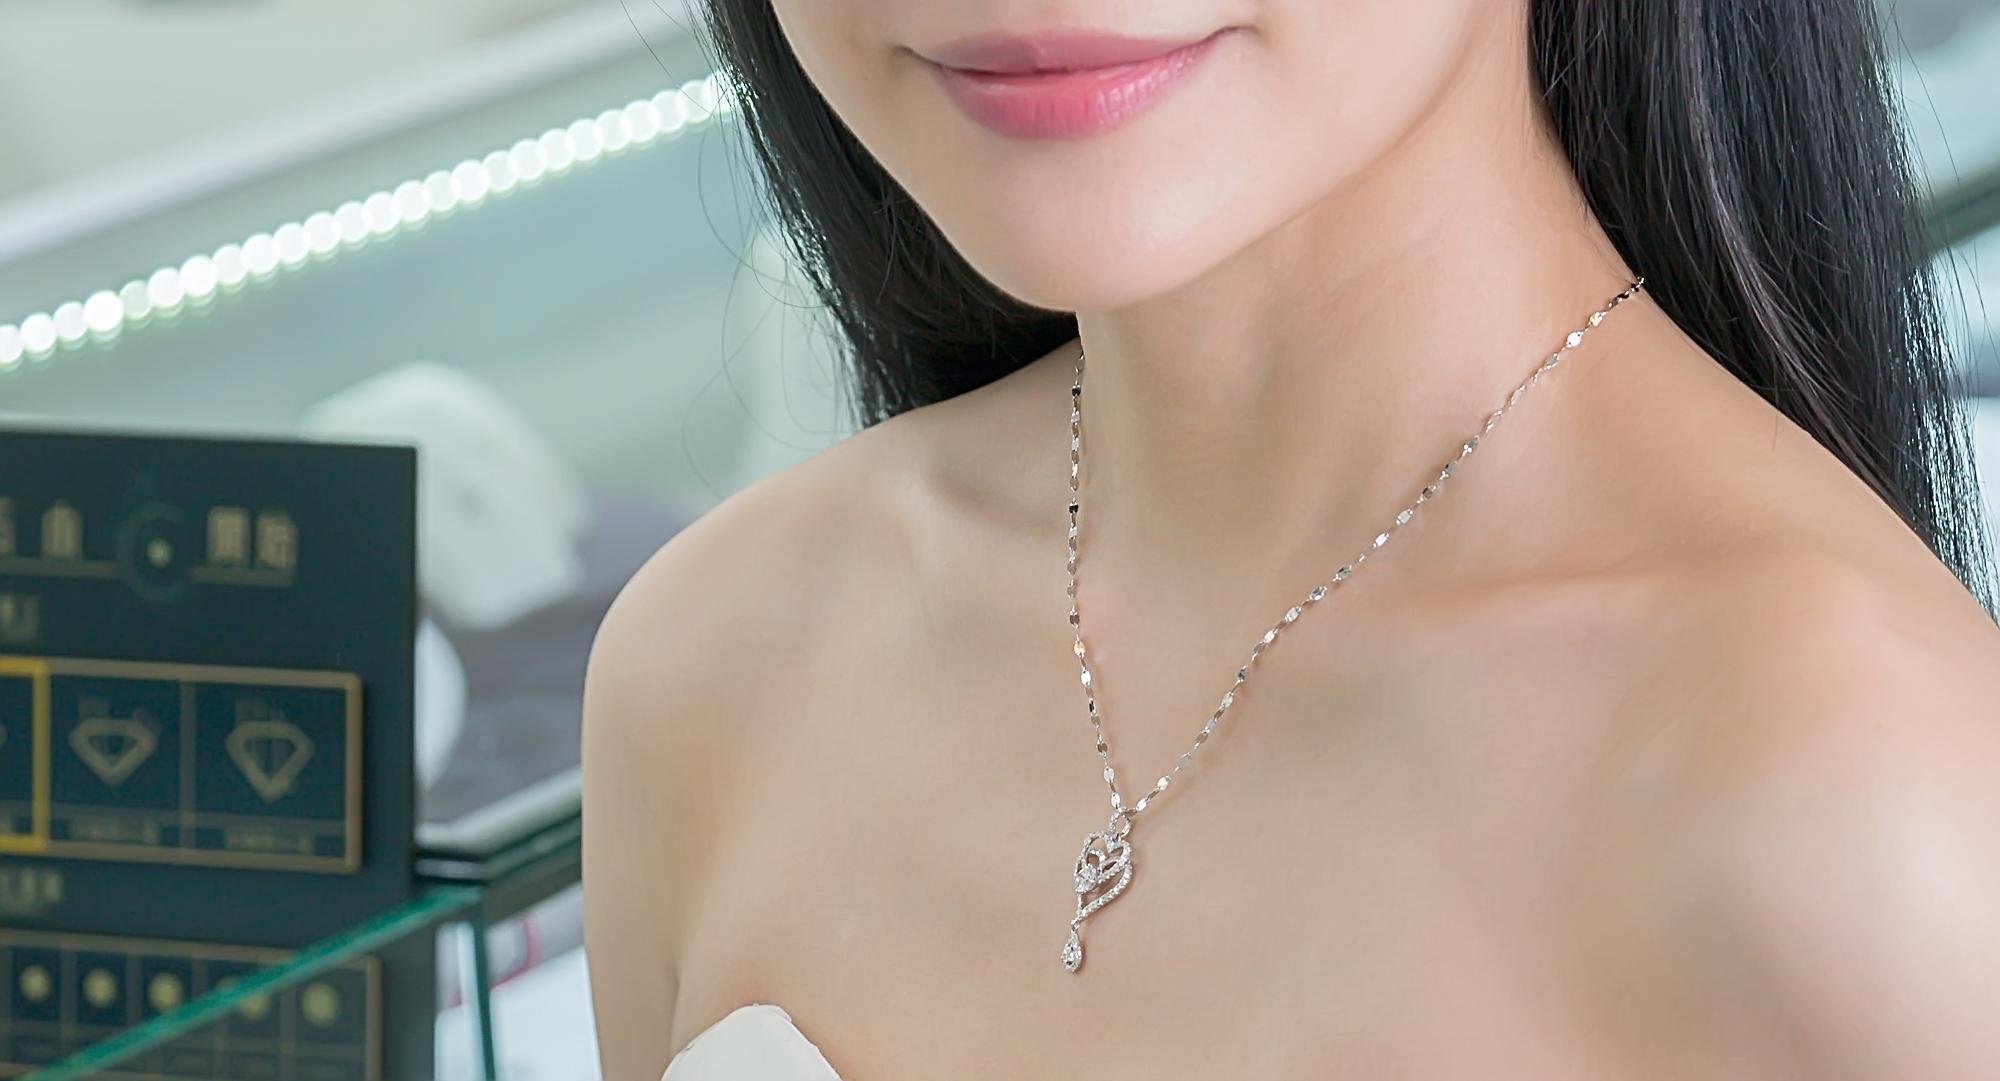 鑽石婚戒,,,,,,, - 錦泰珠寶 漢民店 作品瀏覽